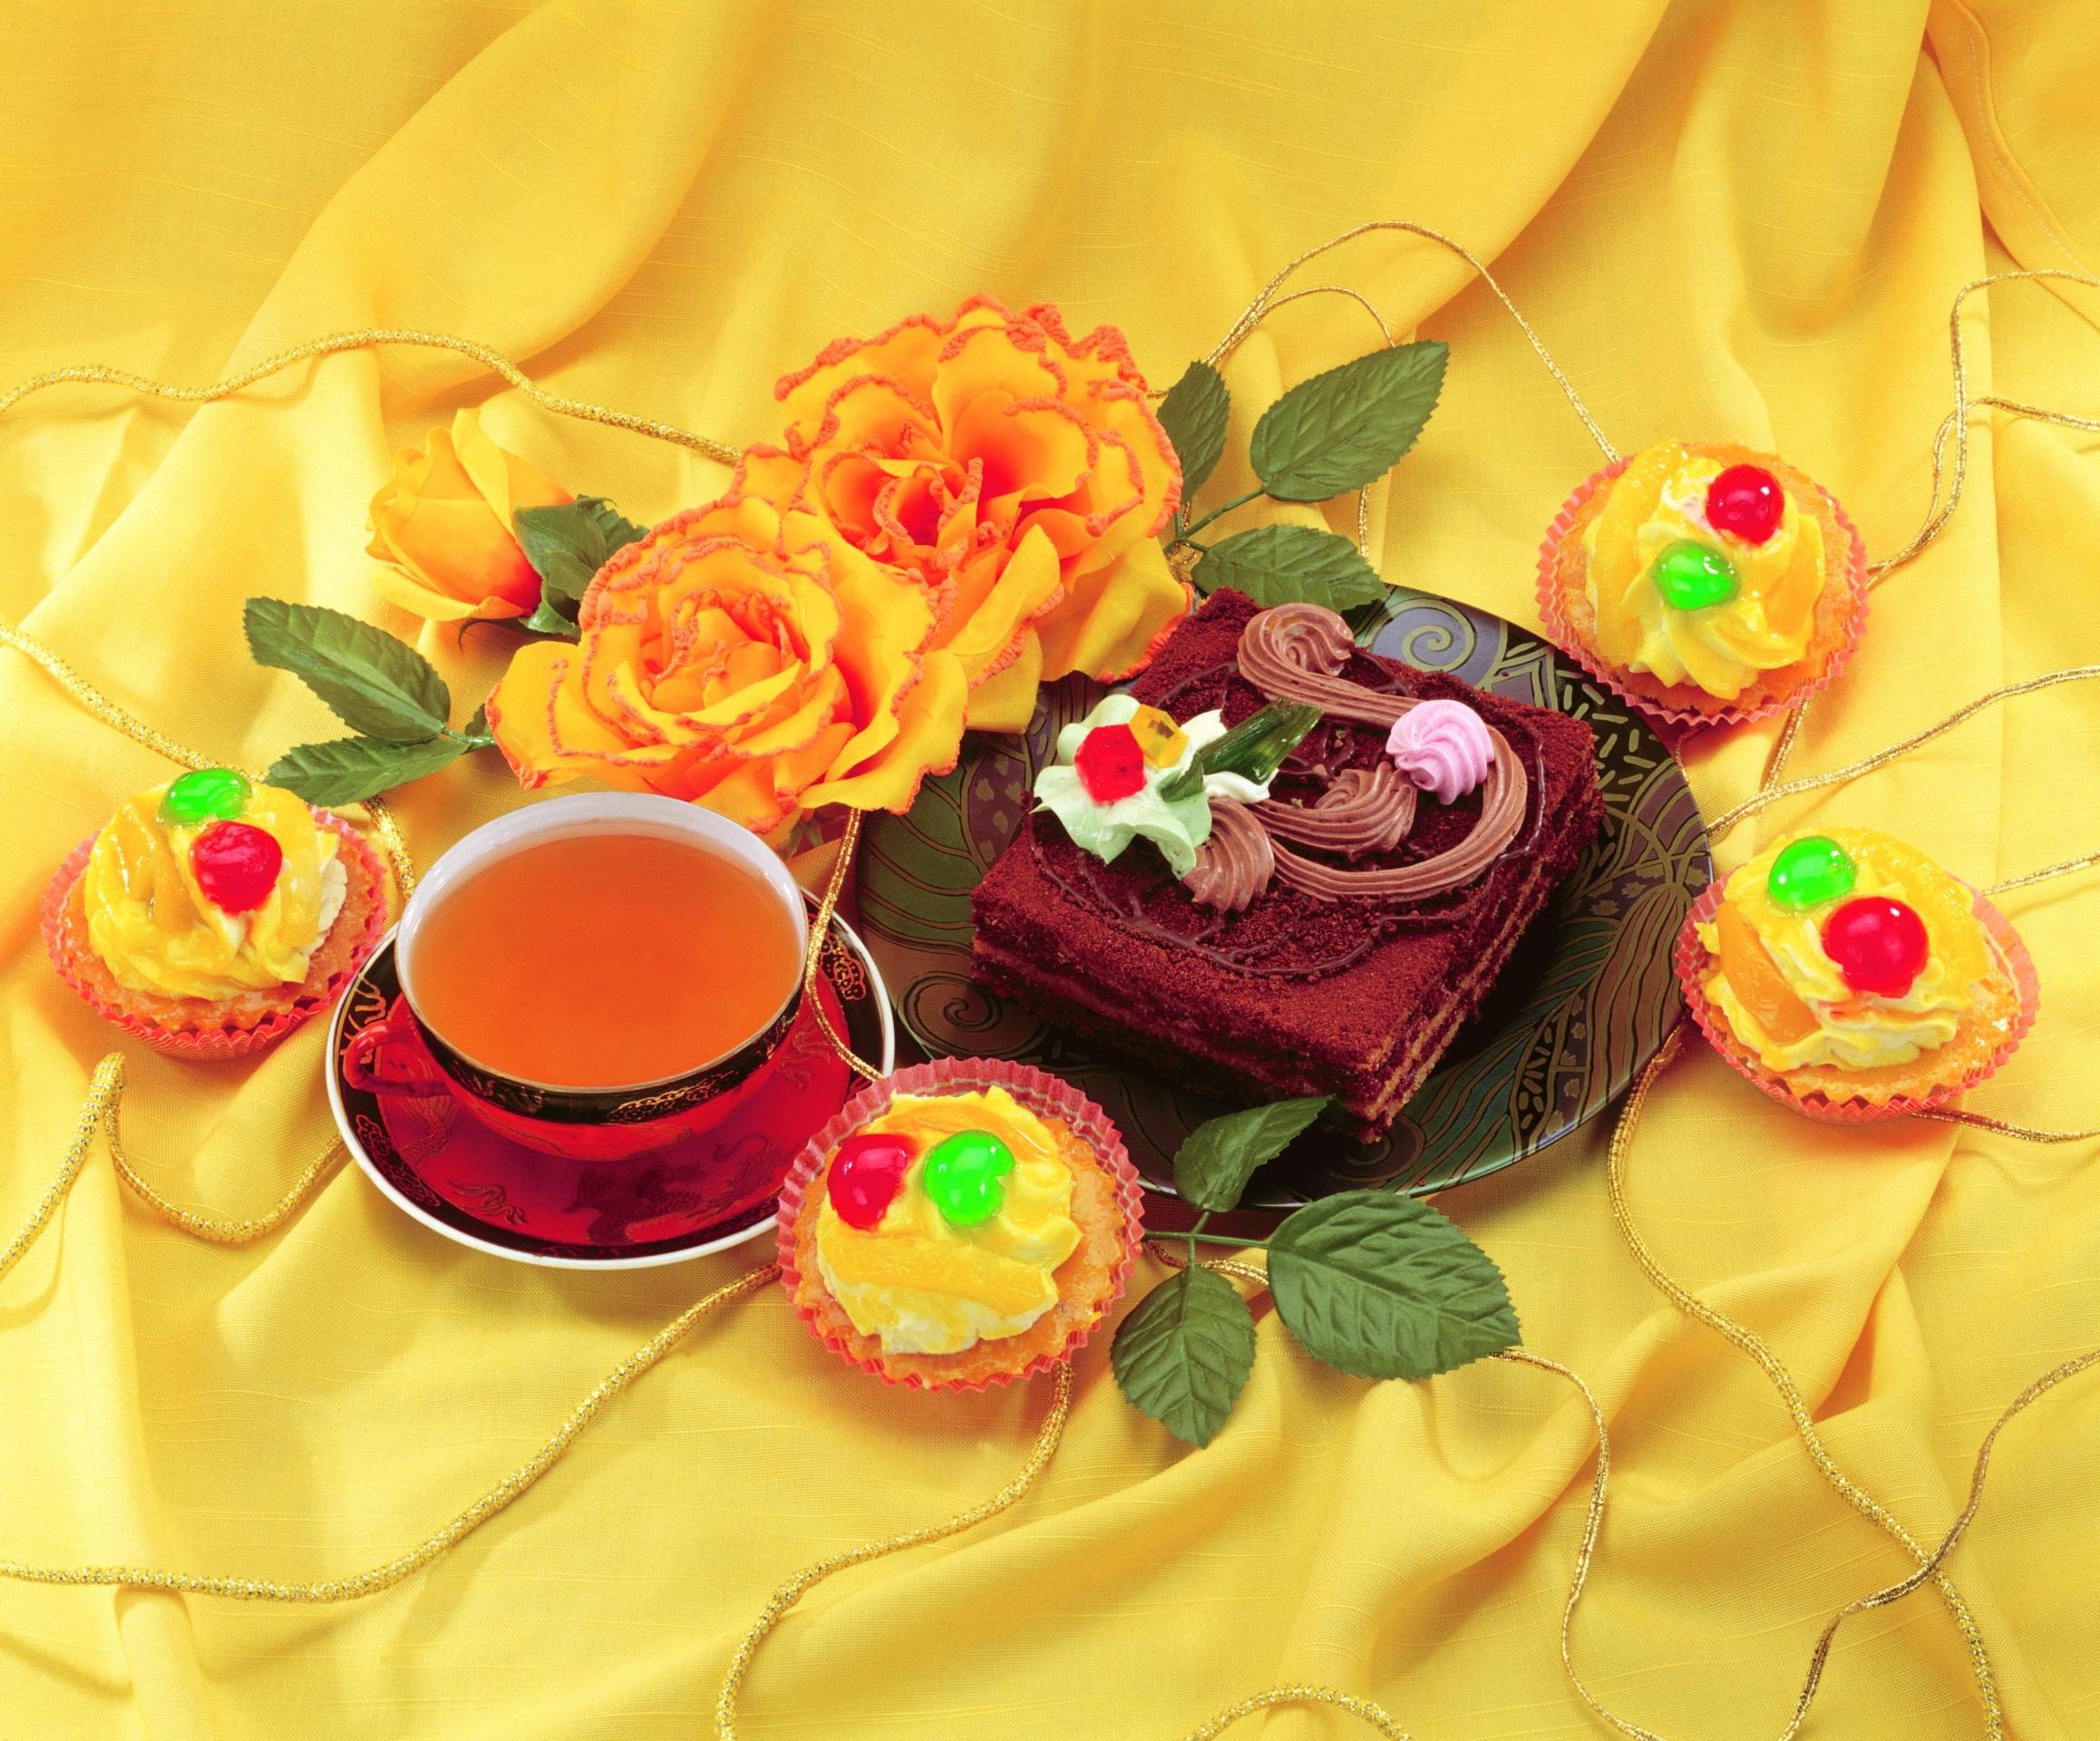 Фотографии Чай Торты Пирожное Еда Чашка Розы Натюрморт 2316x1920 Пища чашке Продукты питания роза